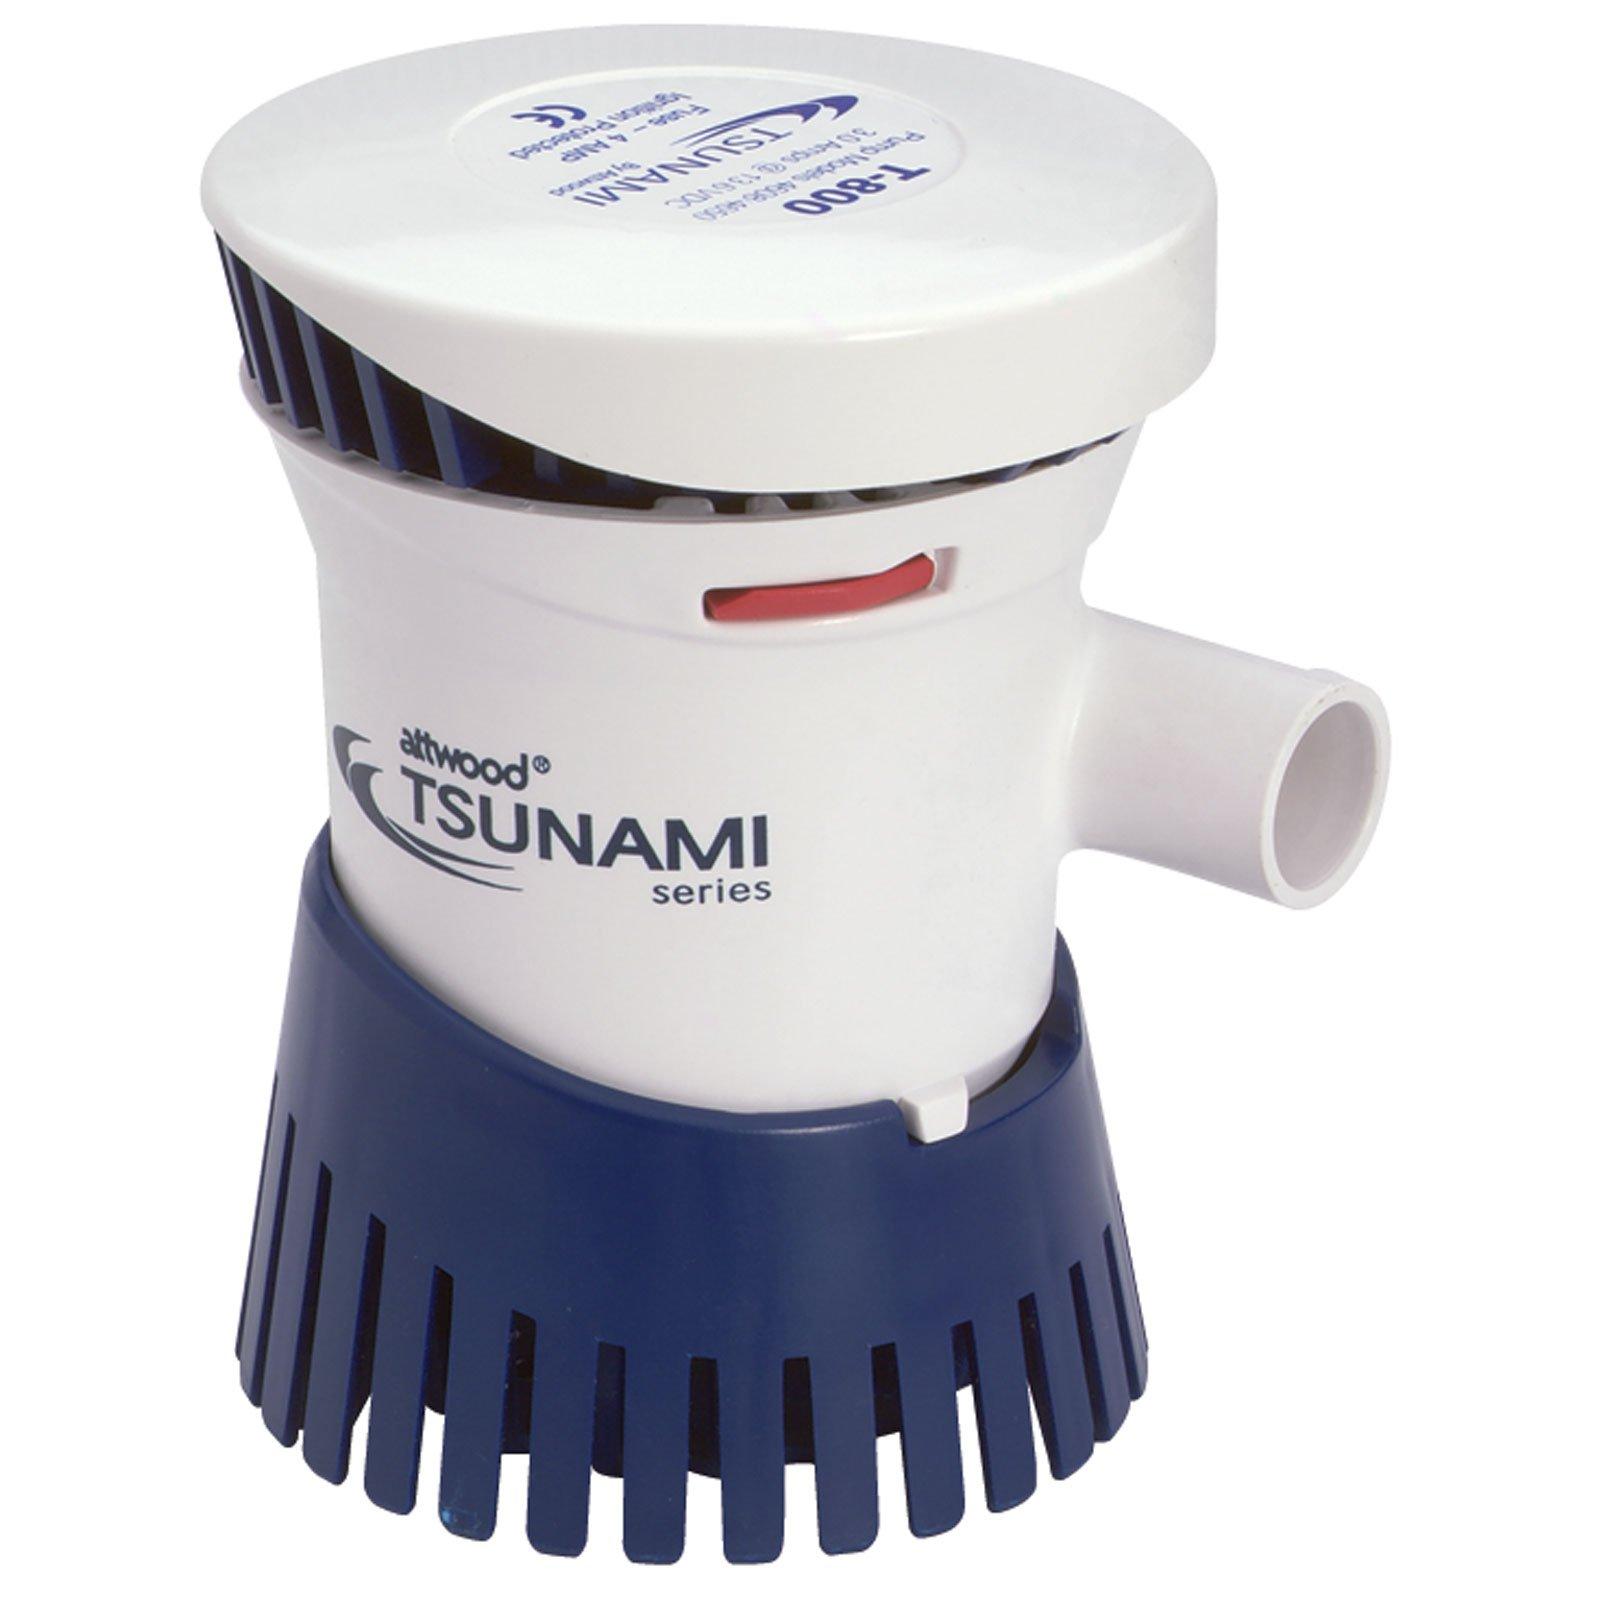 attwood Tsunami Manual Bilge Pump product image